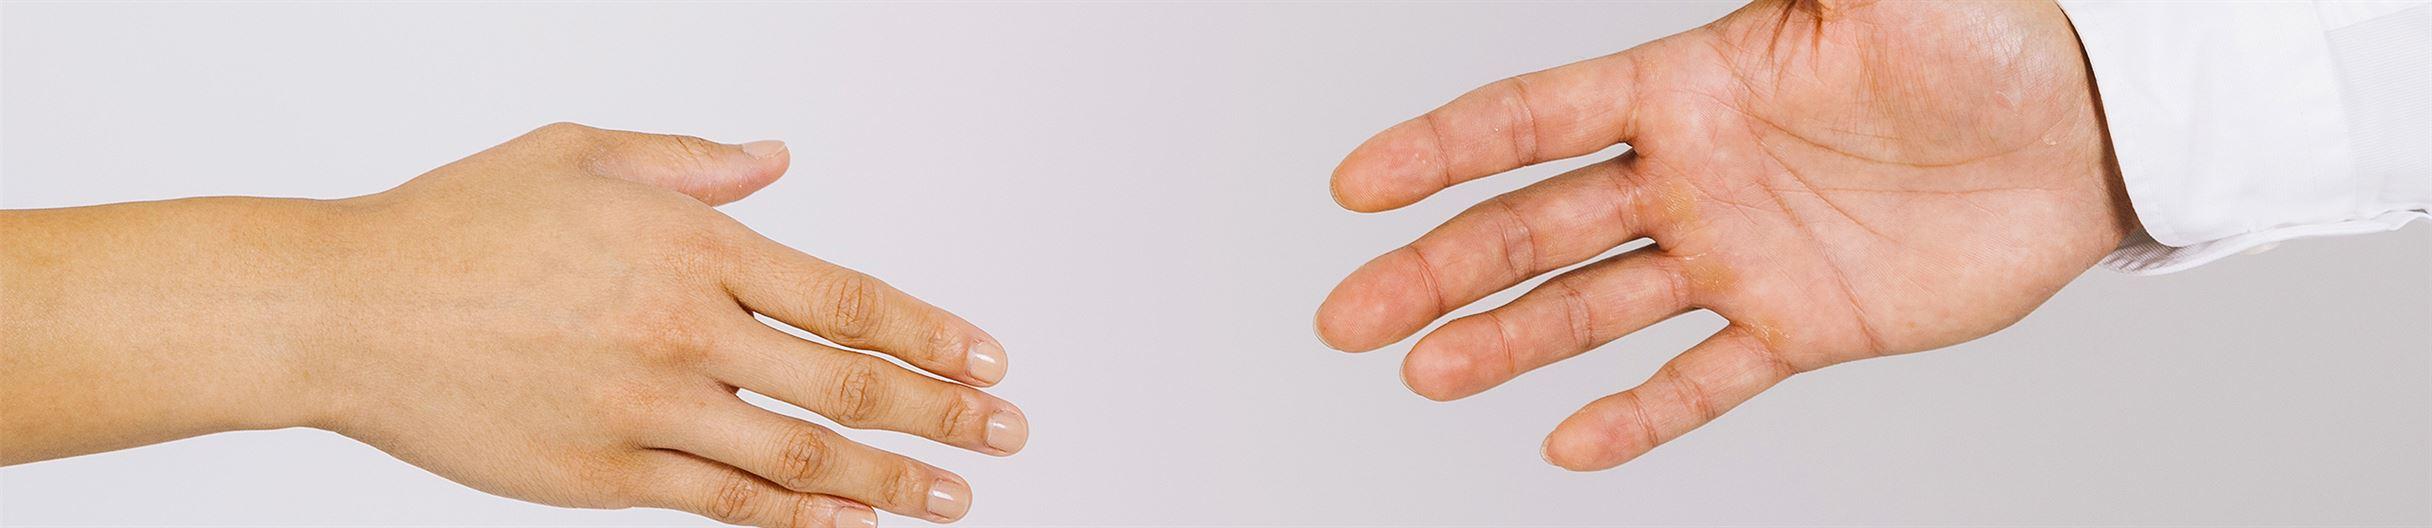 dispenser igienizzante mani header